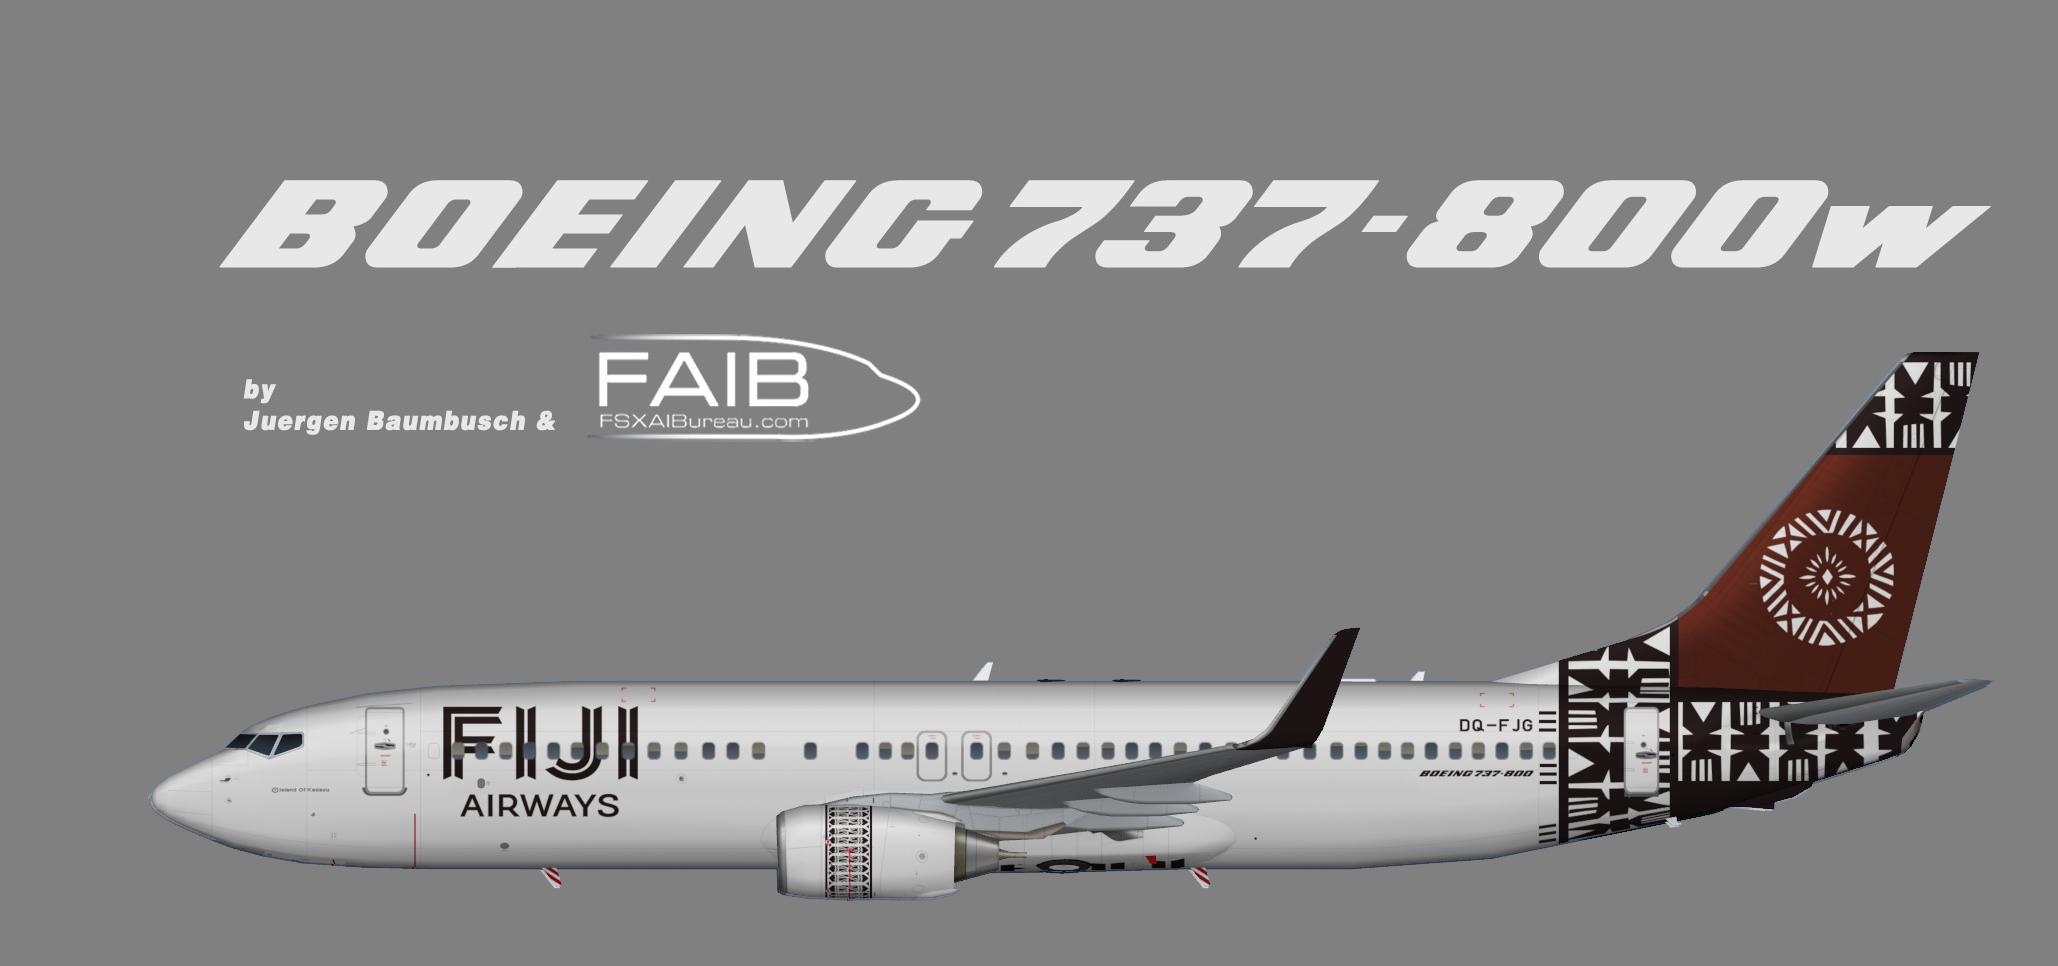 Fiji Airways Boeing 737-800w